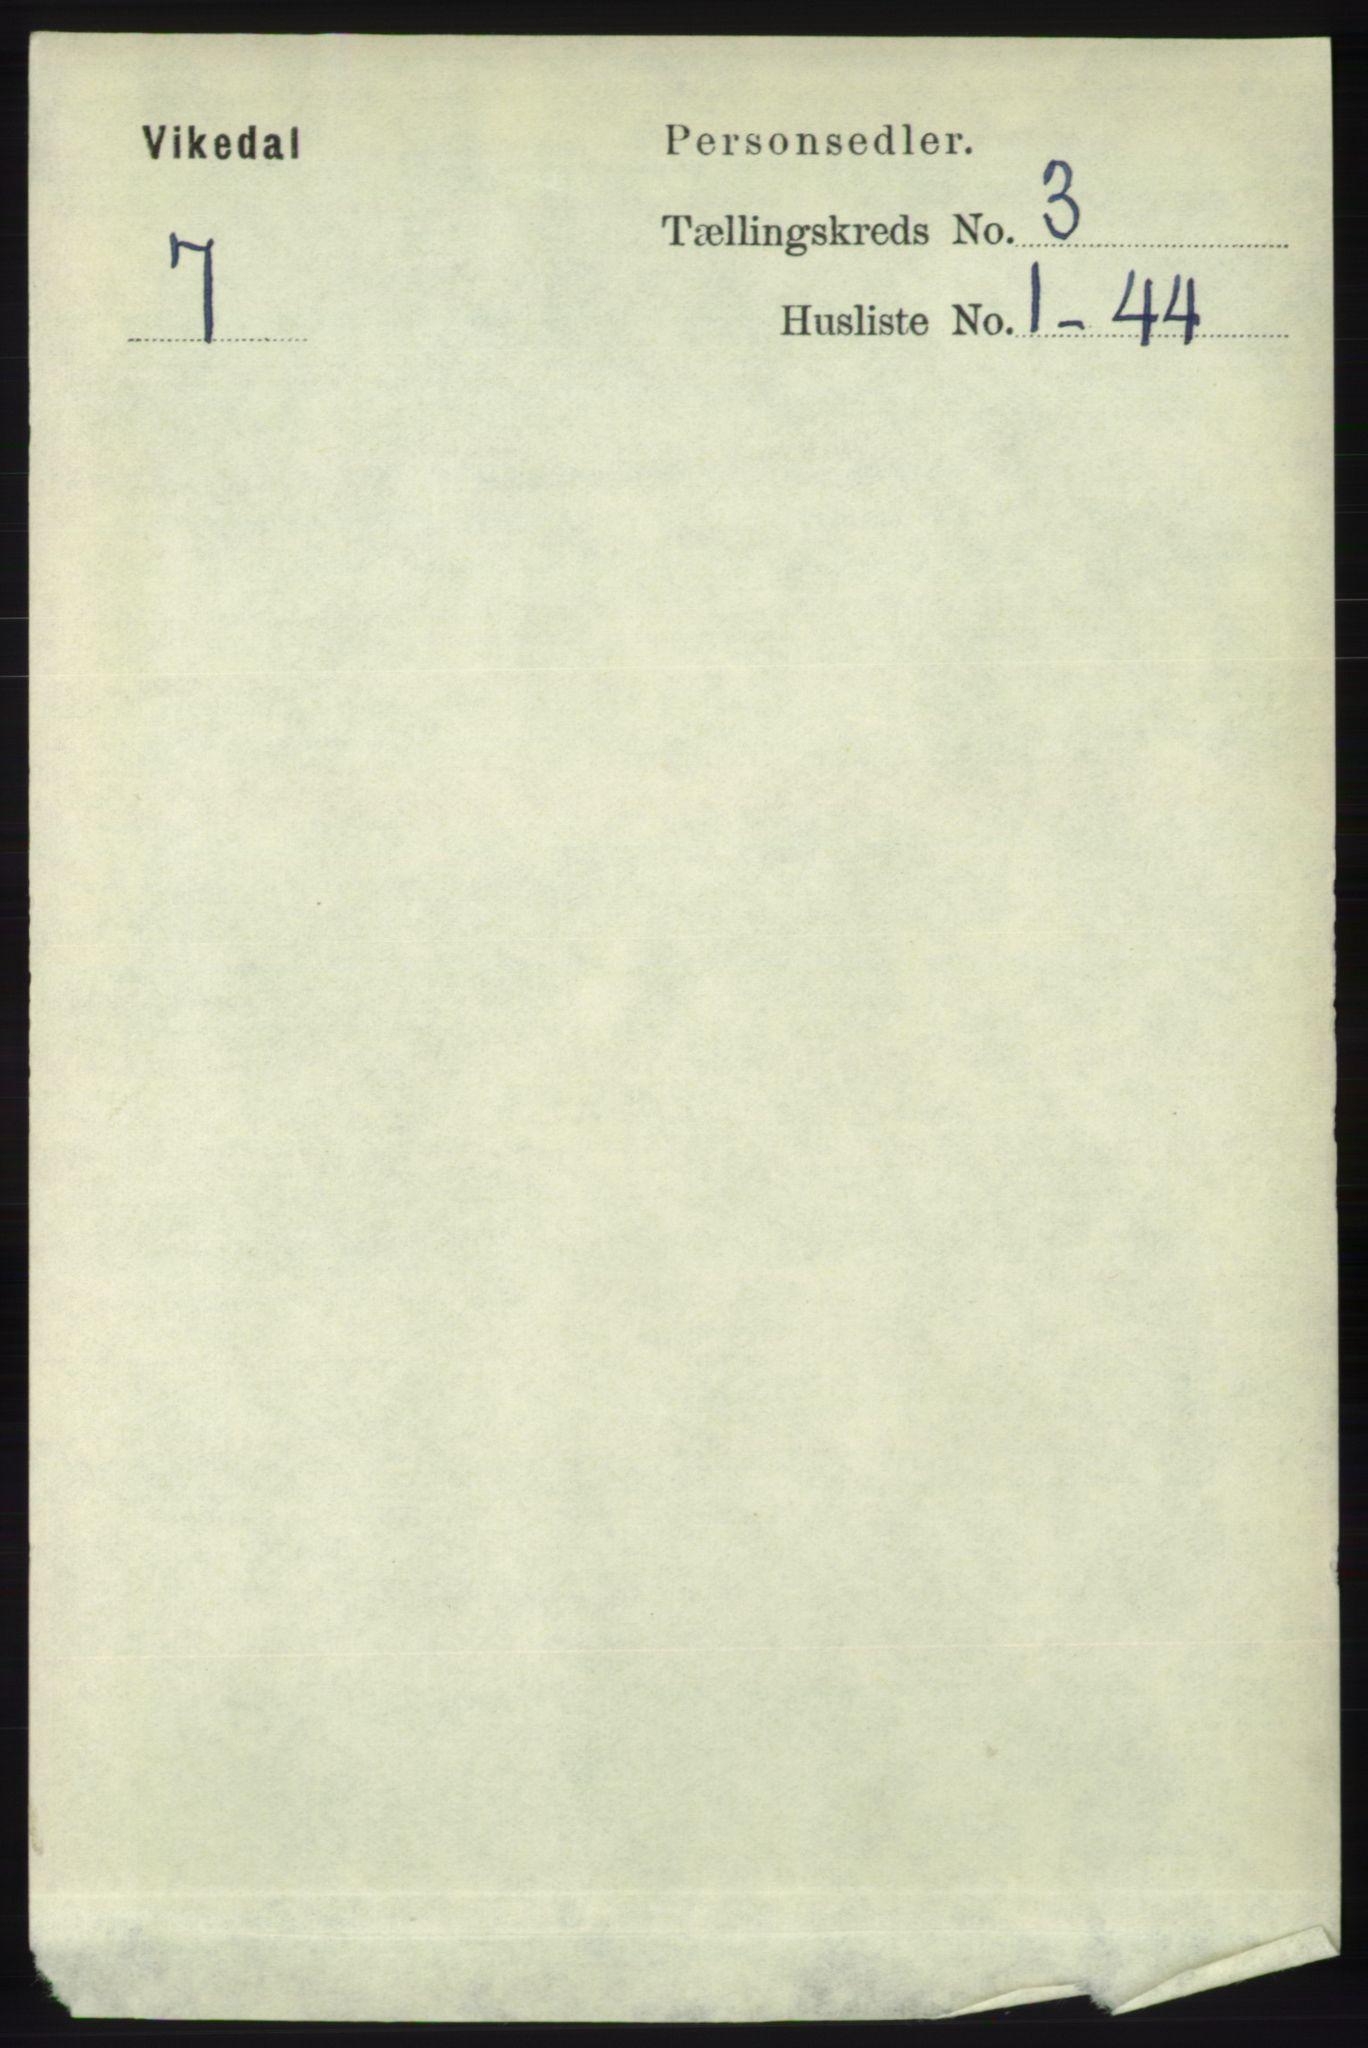 RA, Folketelling 1891 for 1157 Vikedal herred, 1891, s. 722